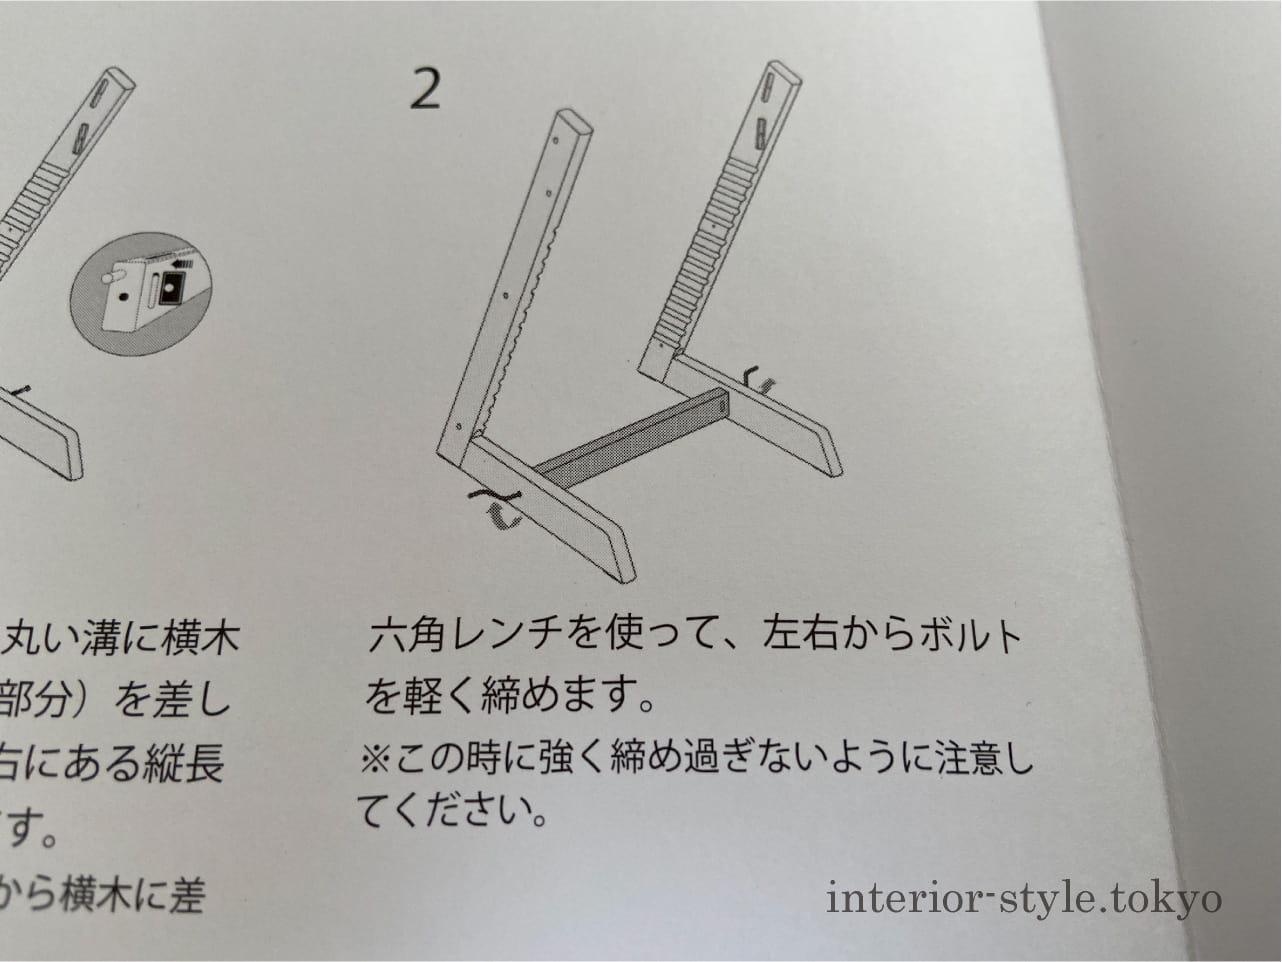 説明書の組立て手順2